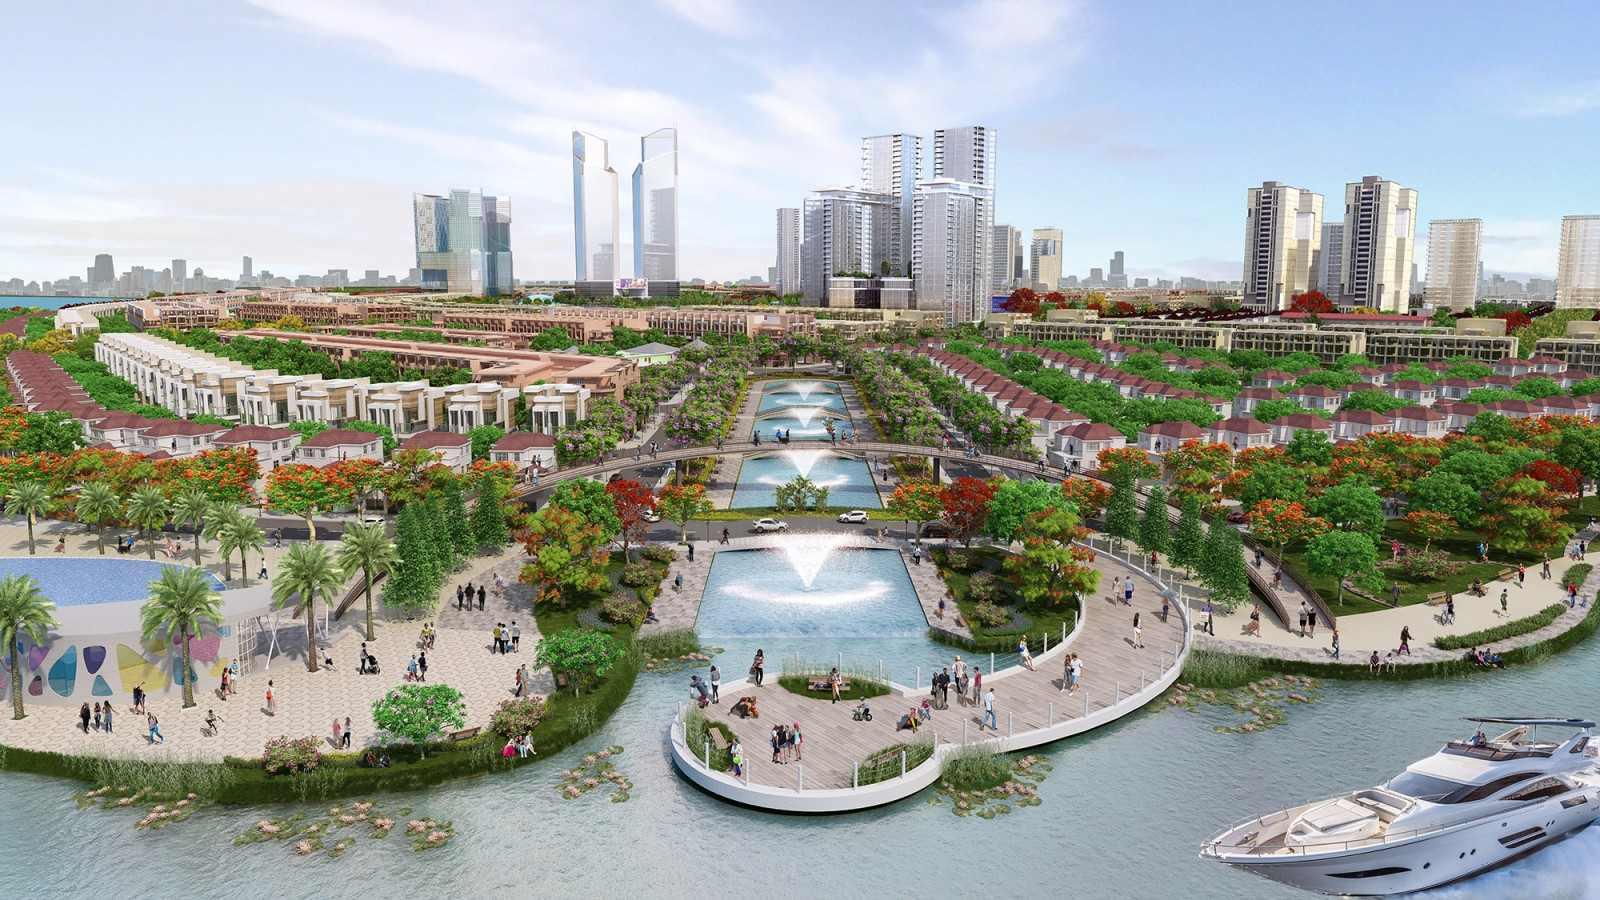 khu đô thị sinh thái với sông, vườn